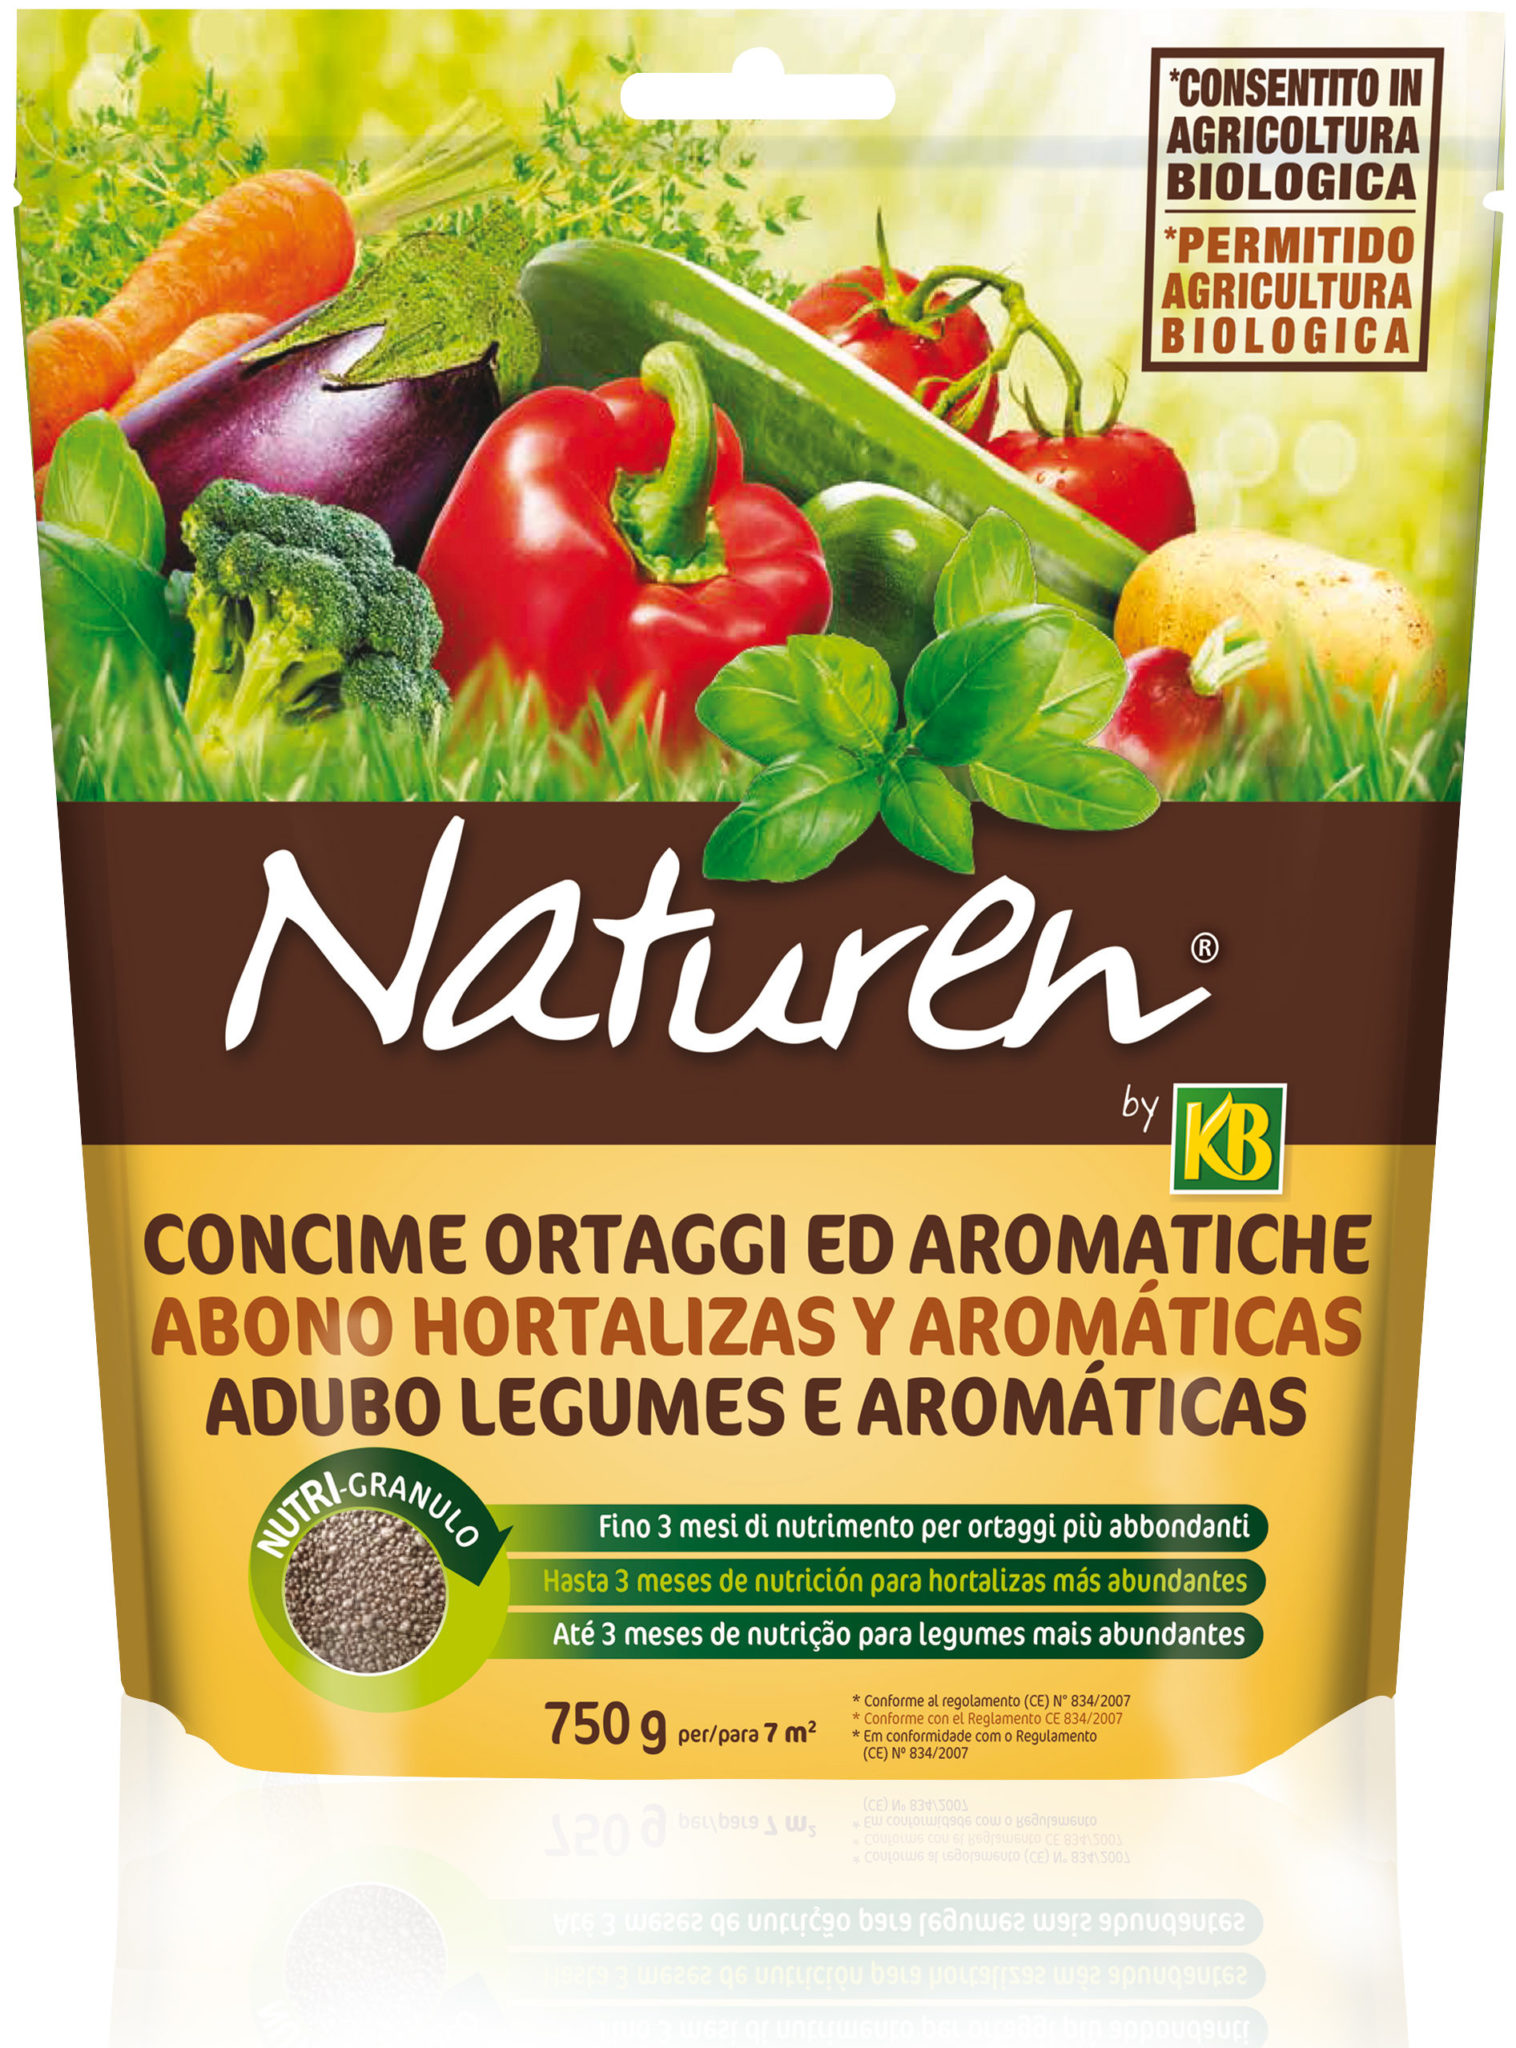 Immagine 6864-Naturen concime ortaggi e aromatiche